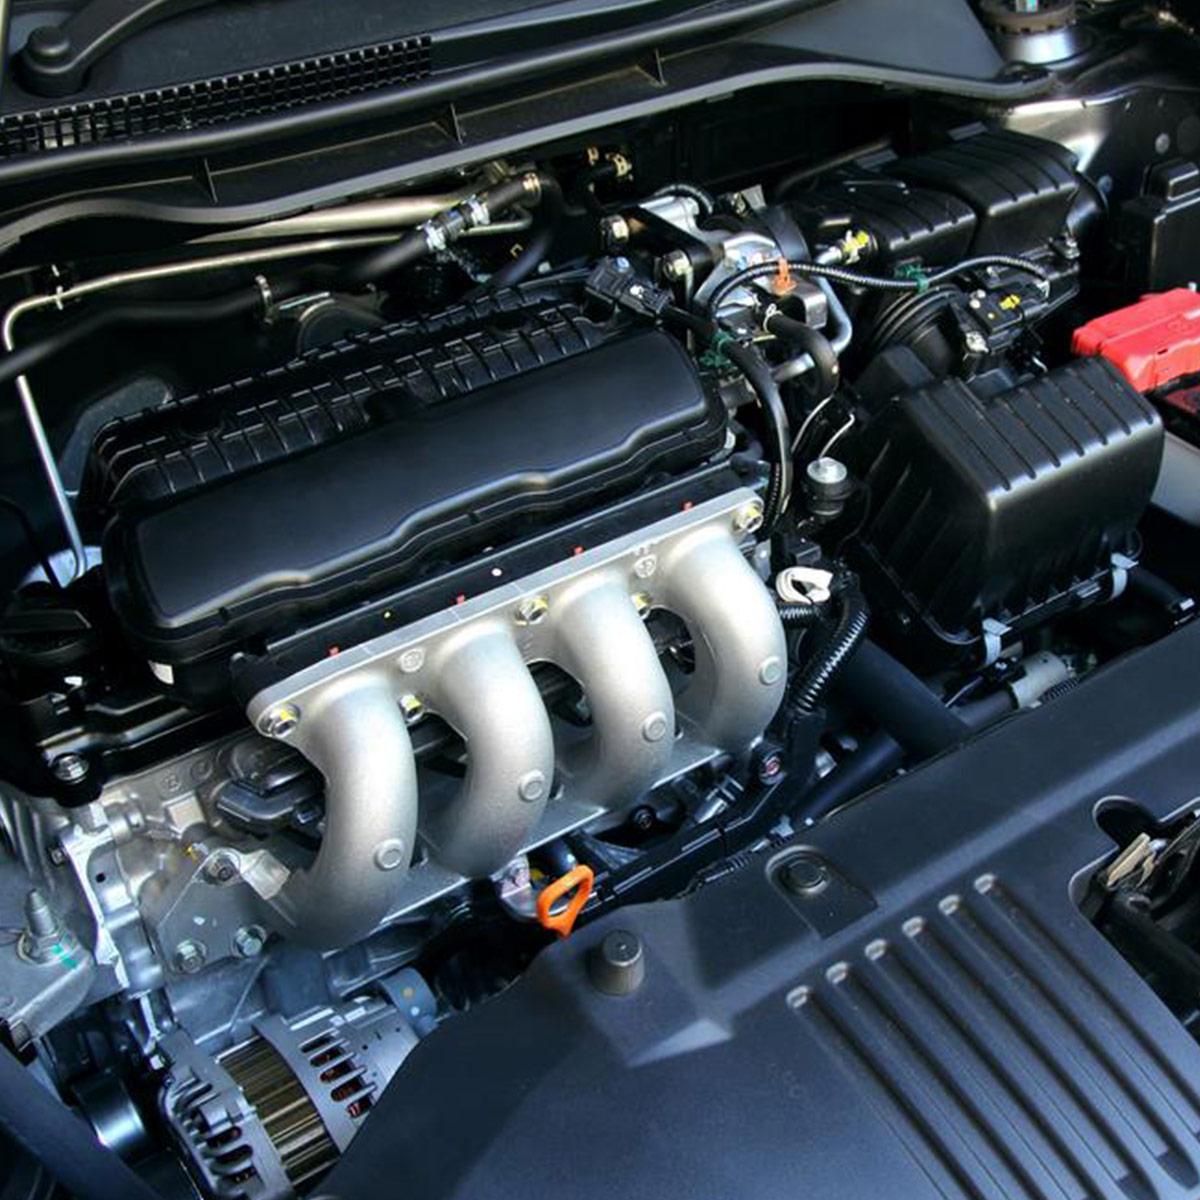 Engine mount replacement costs & repairs | AutoGuru